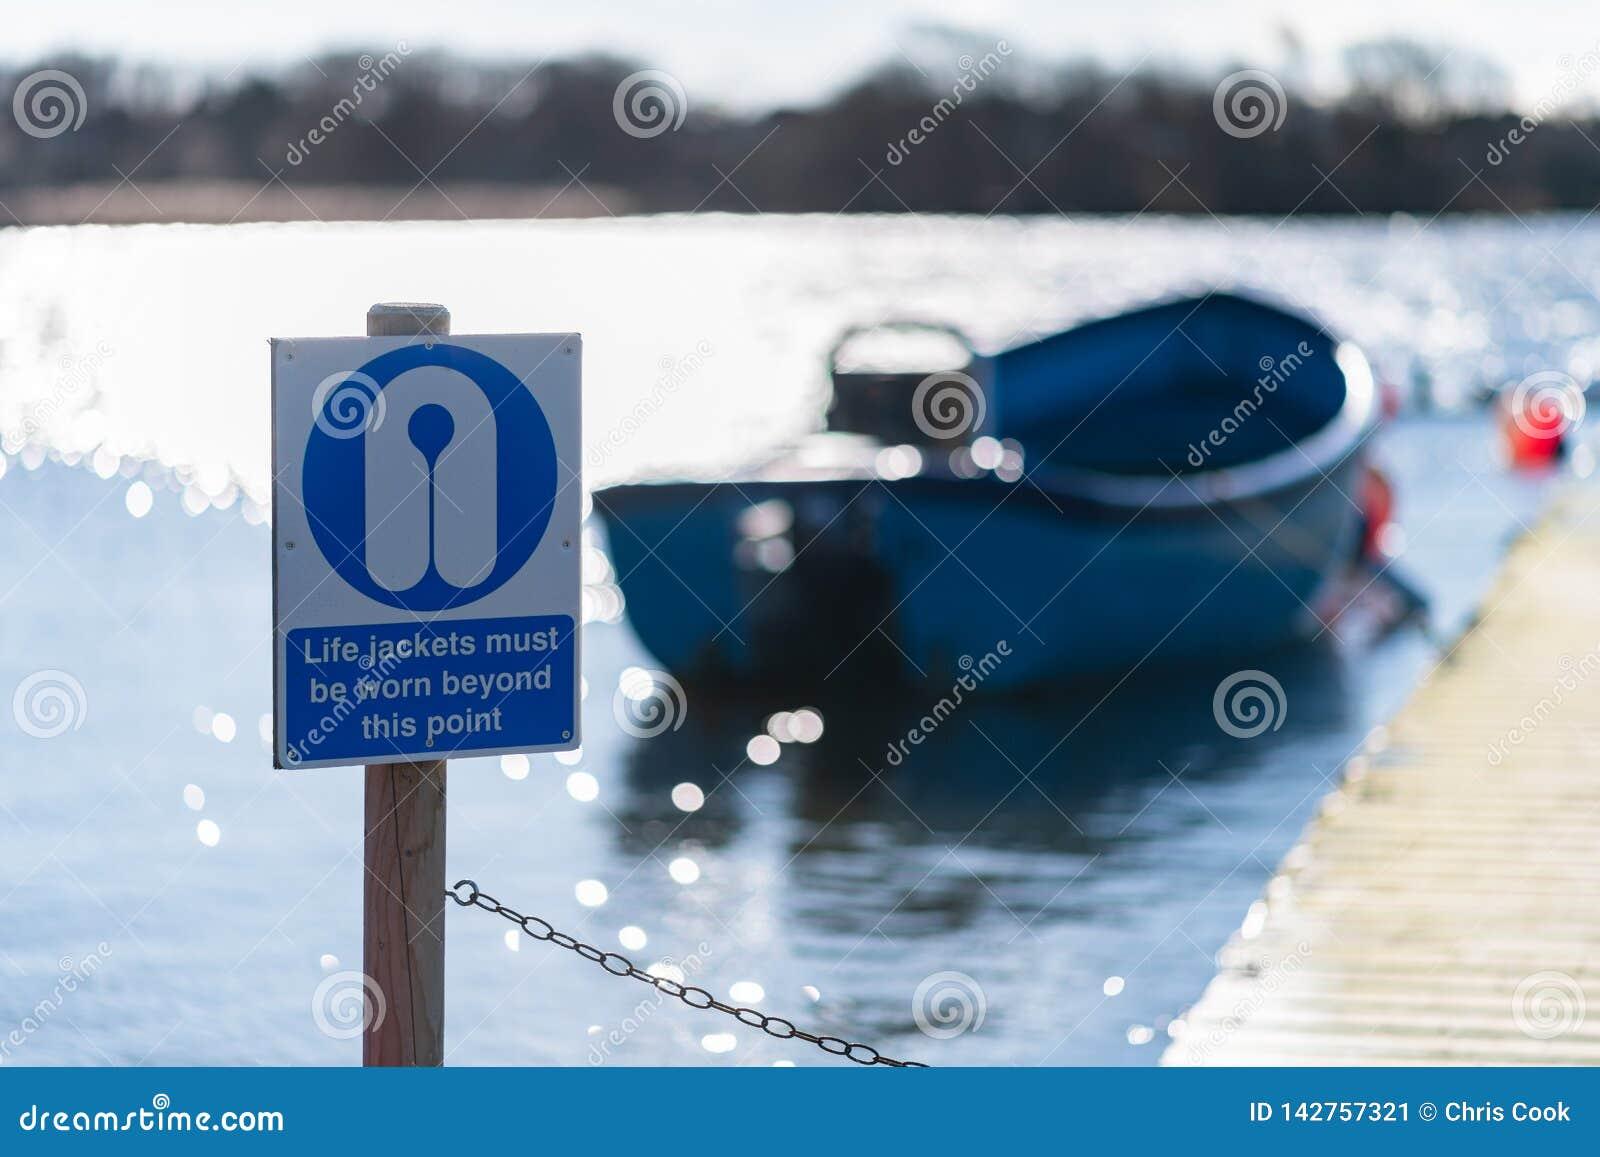 Flytvästar måste vara slitna utöver detta varnande tecken för punkt på bara Hornsea